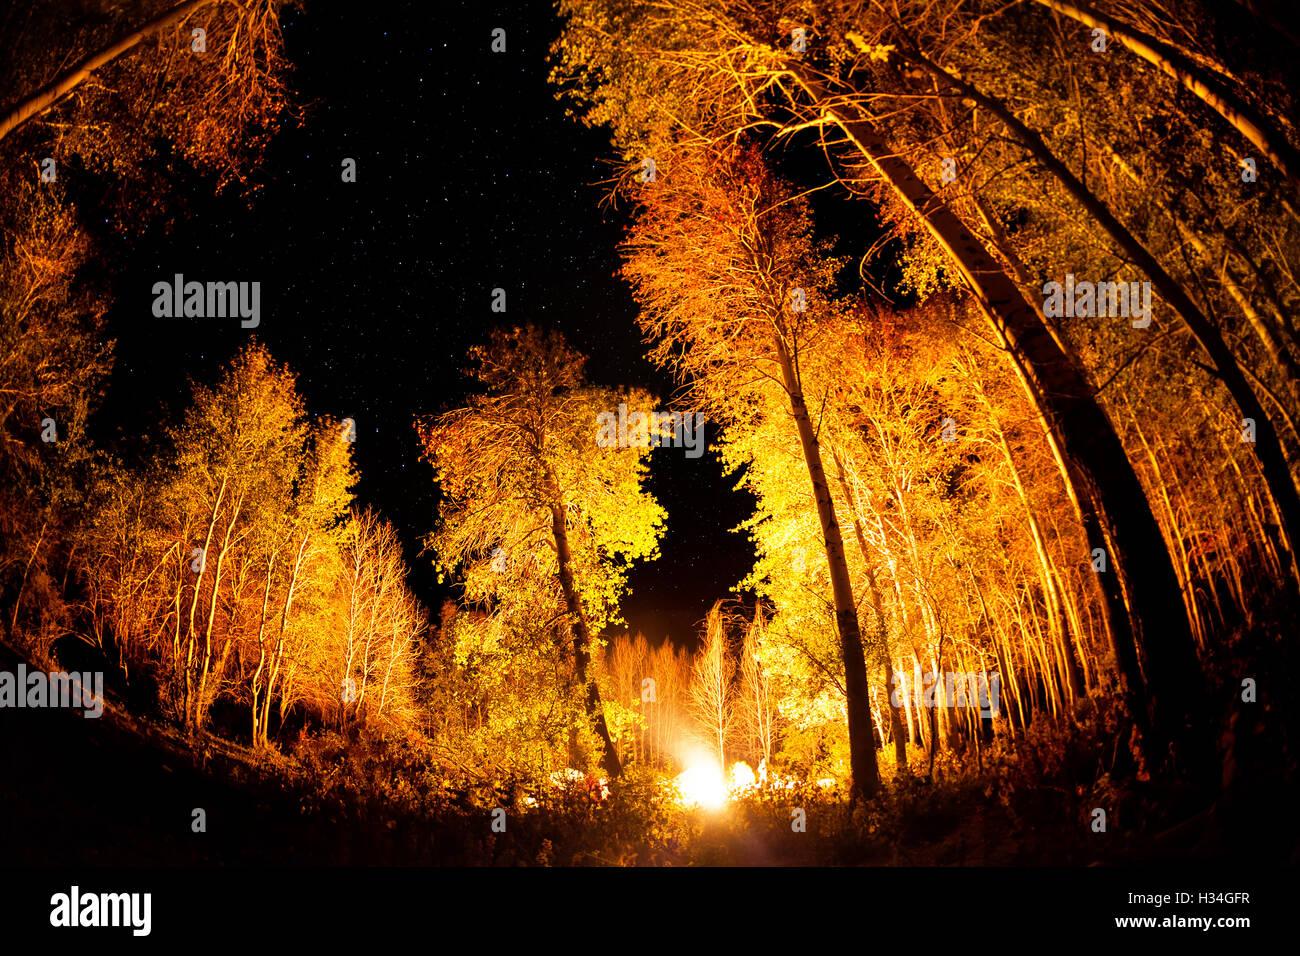 Camp dans la forêt avec de grands arbres et de feu la nuit ciel étoilé Photo Stock